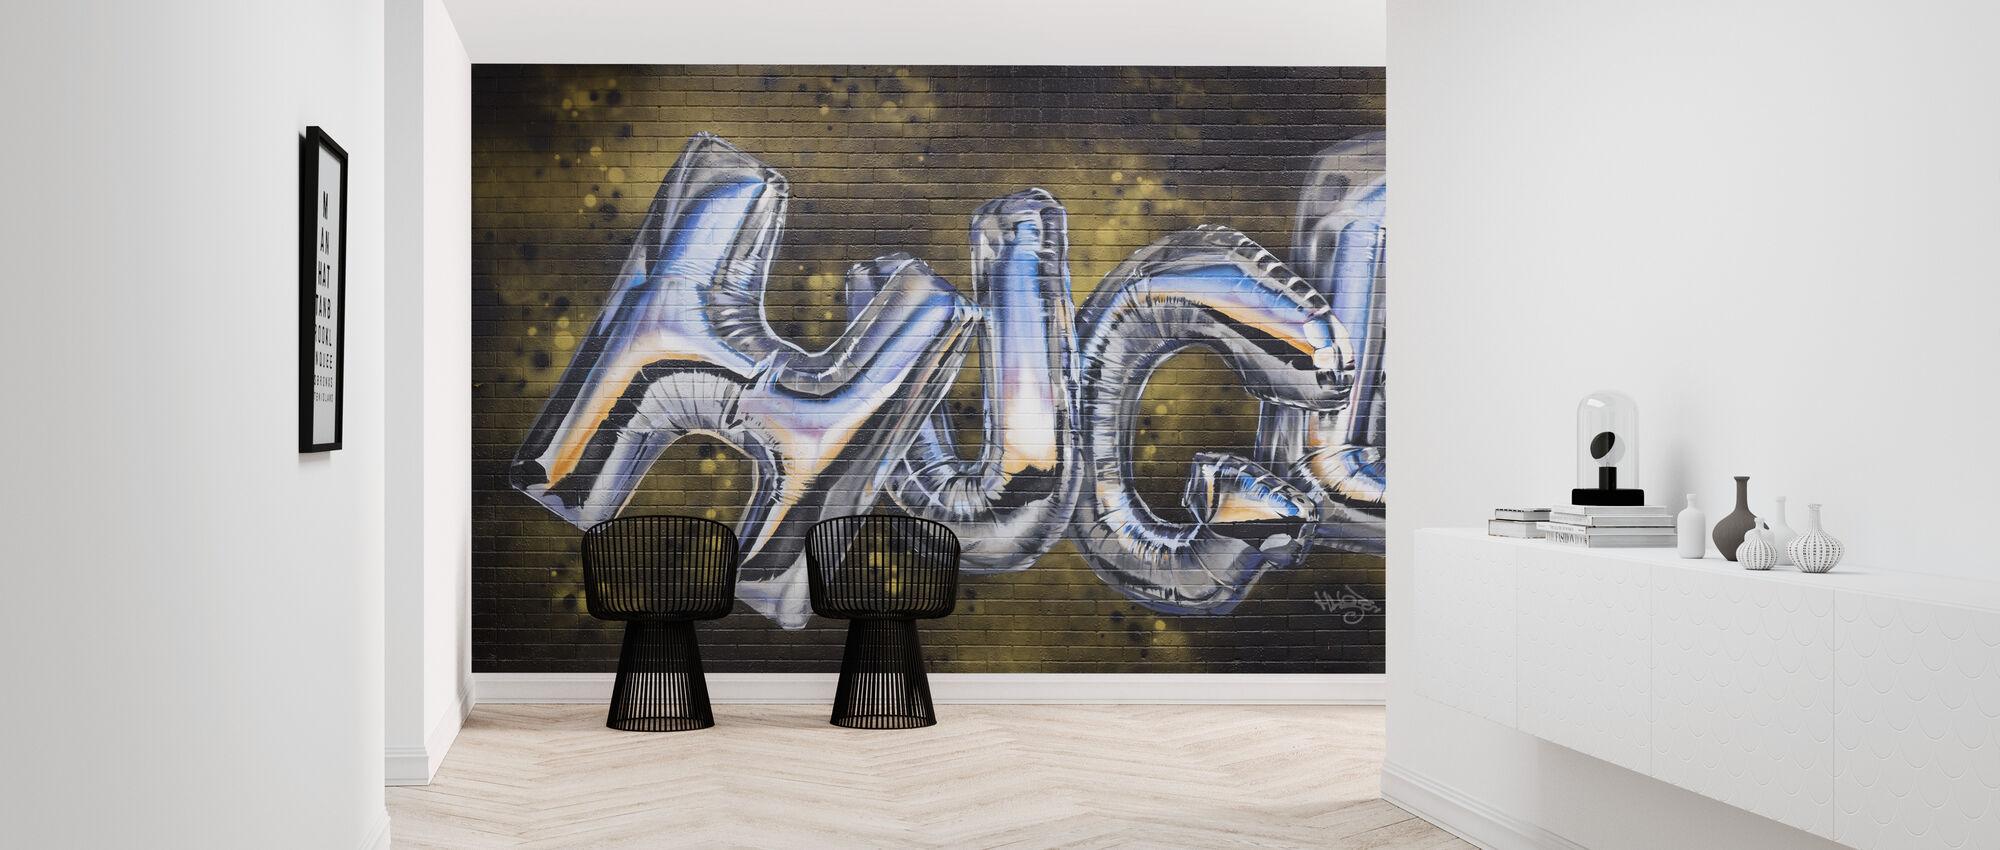 Huge - Wallpaper - Hallway